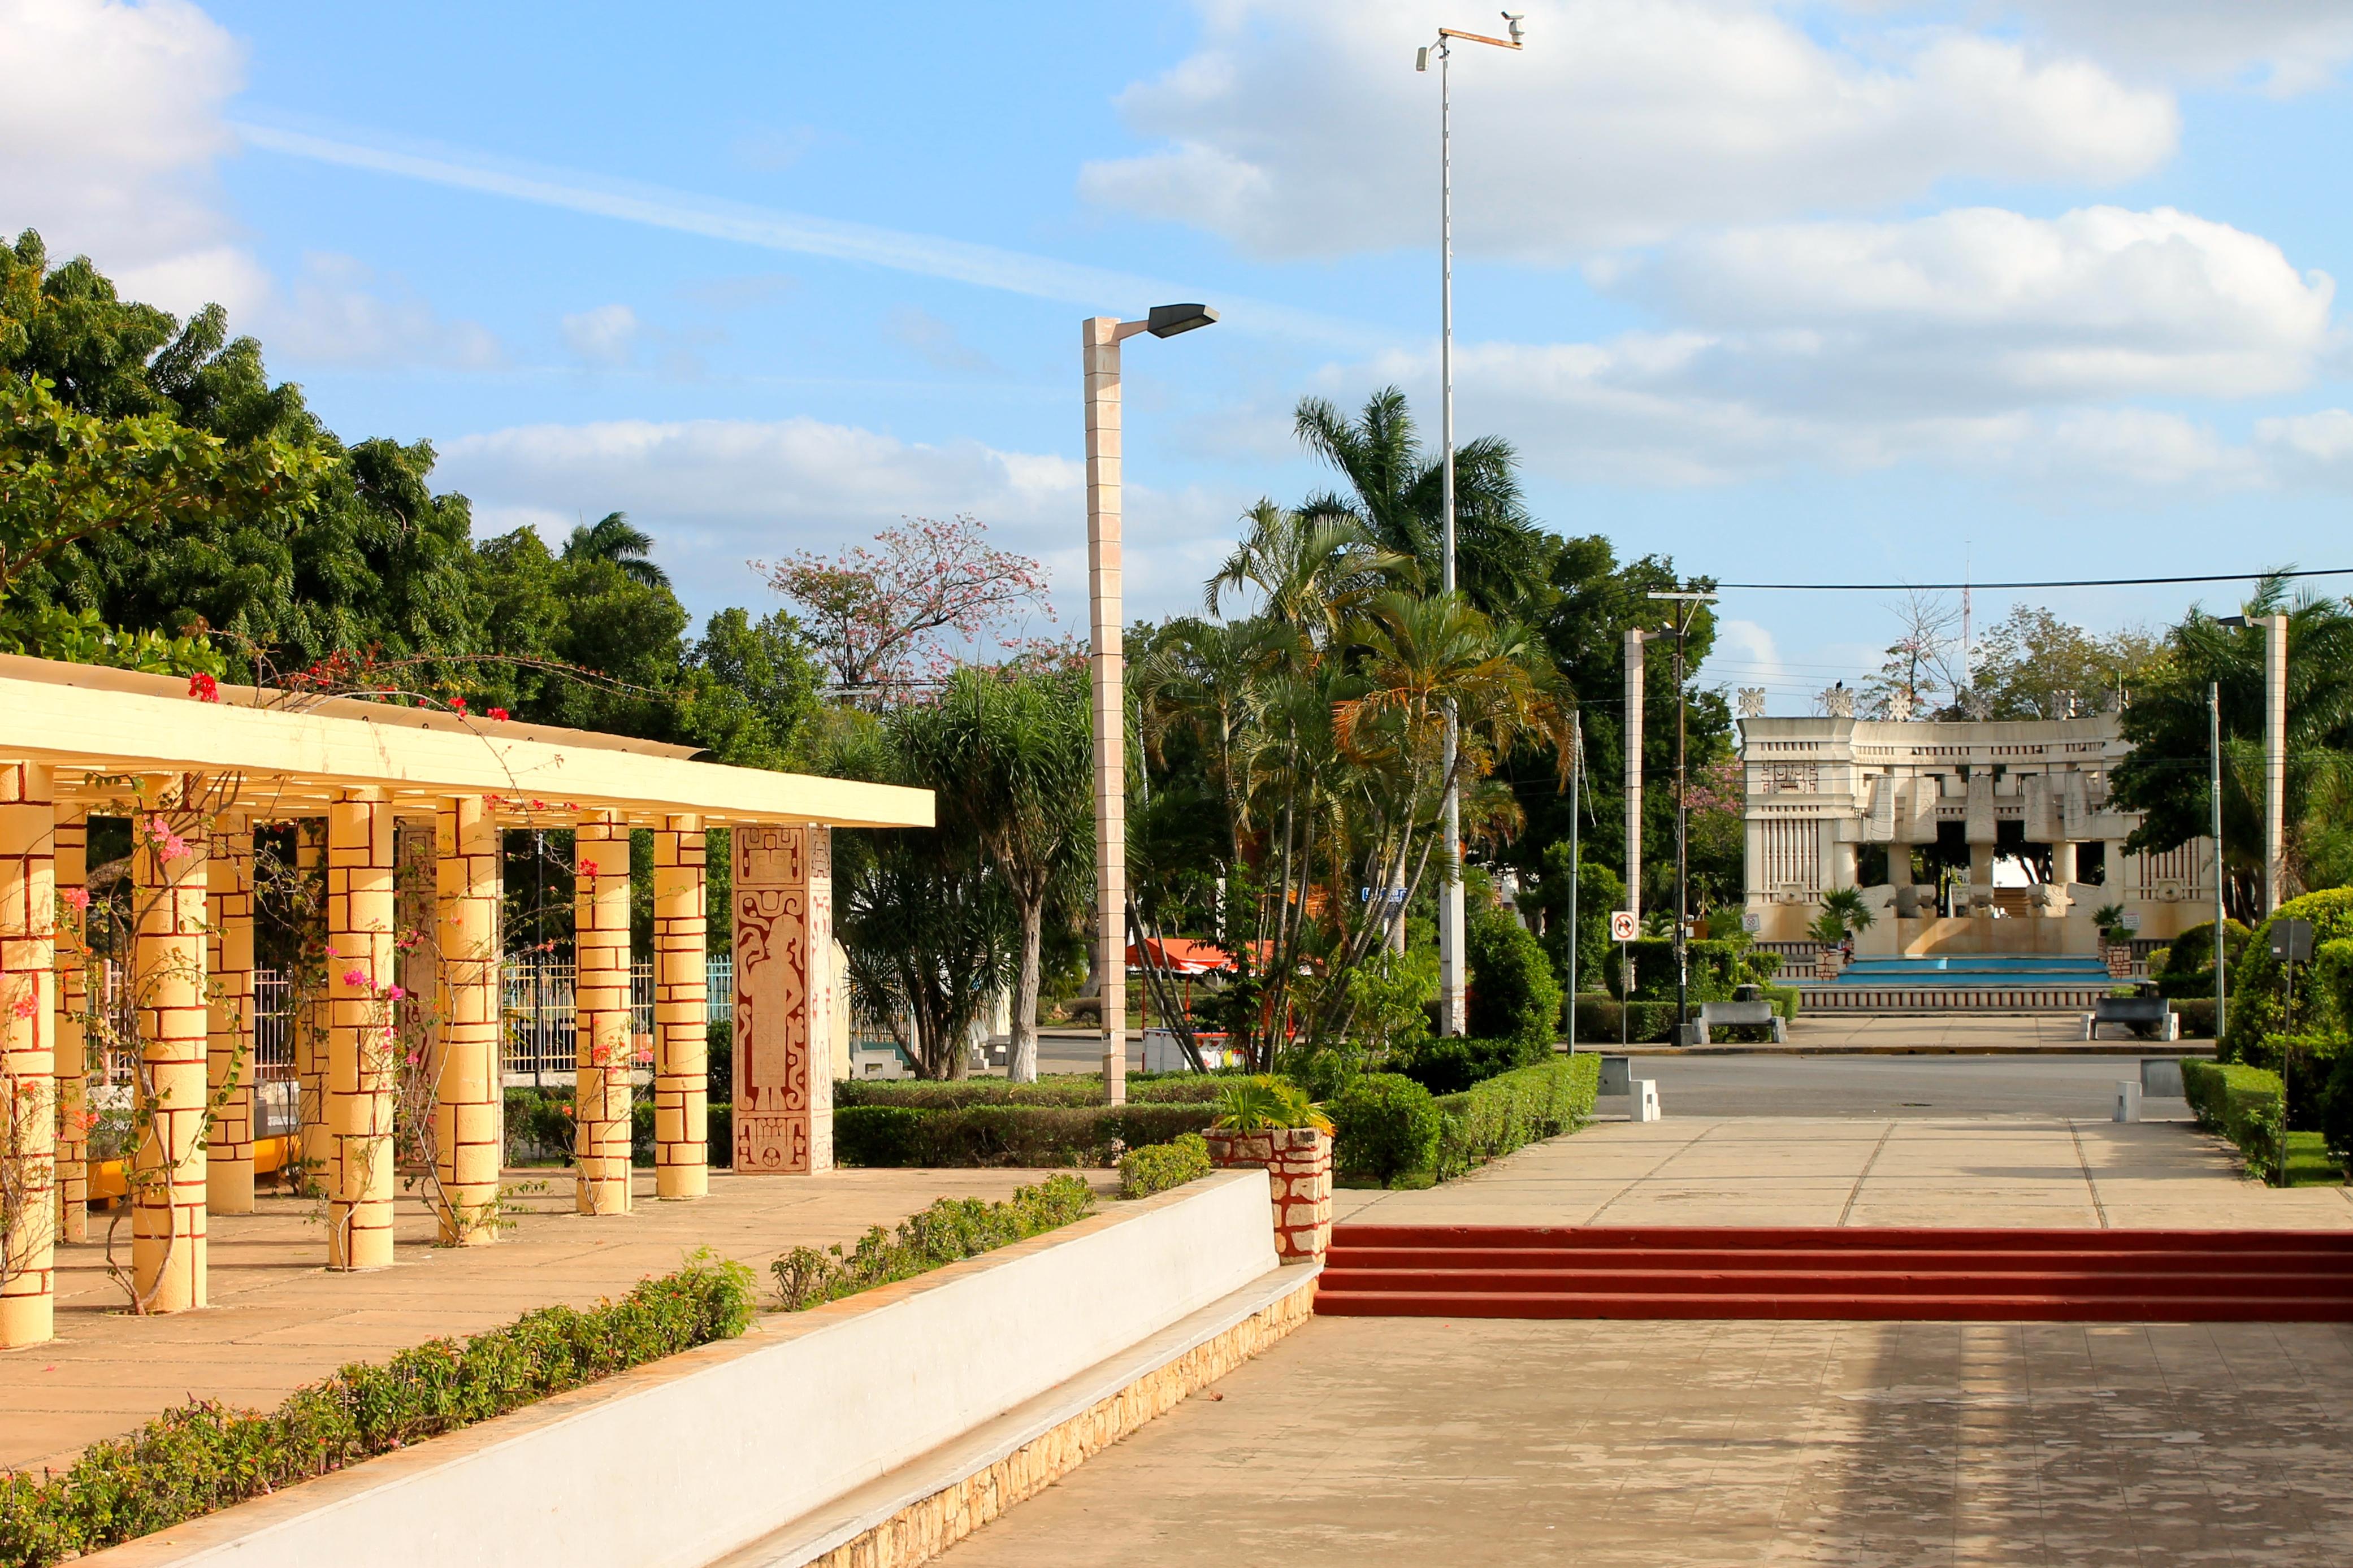 Hotel De Las Americas Parque De Las Americas Merida Yucatantastic